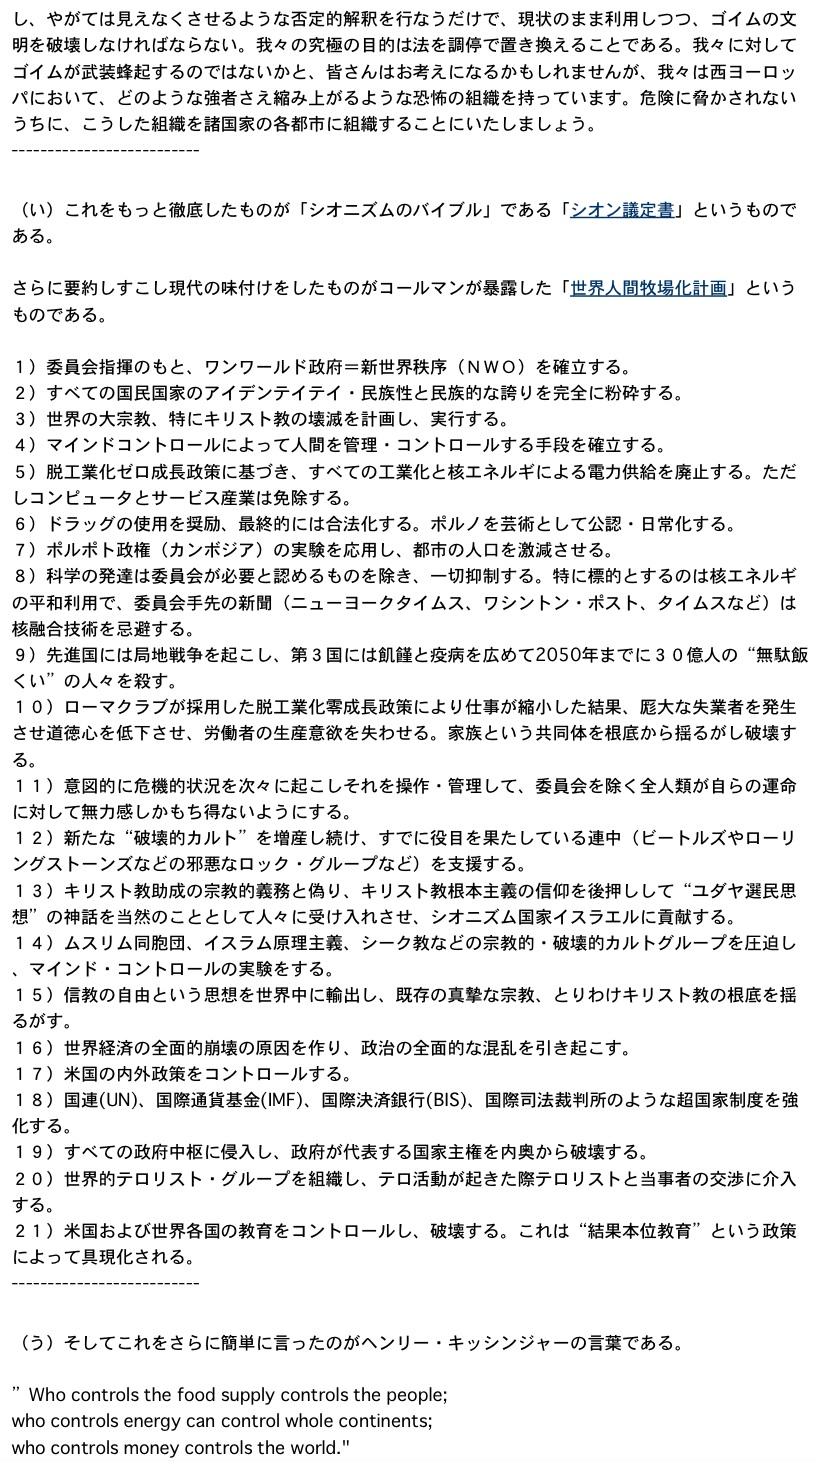 シオニストNWOの行動計画書にある「反原発、反原子力」:あなたは信じられるか?_e0171614_11264221.jpg